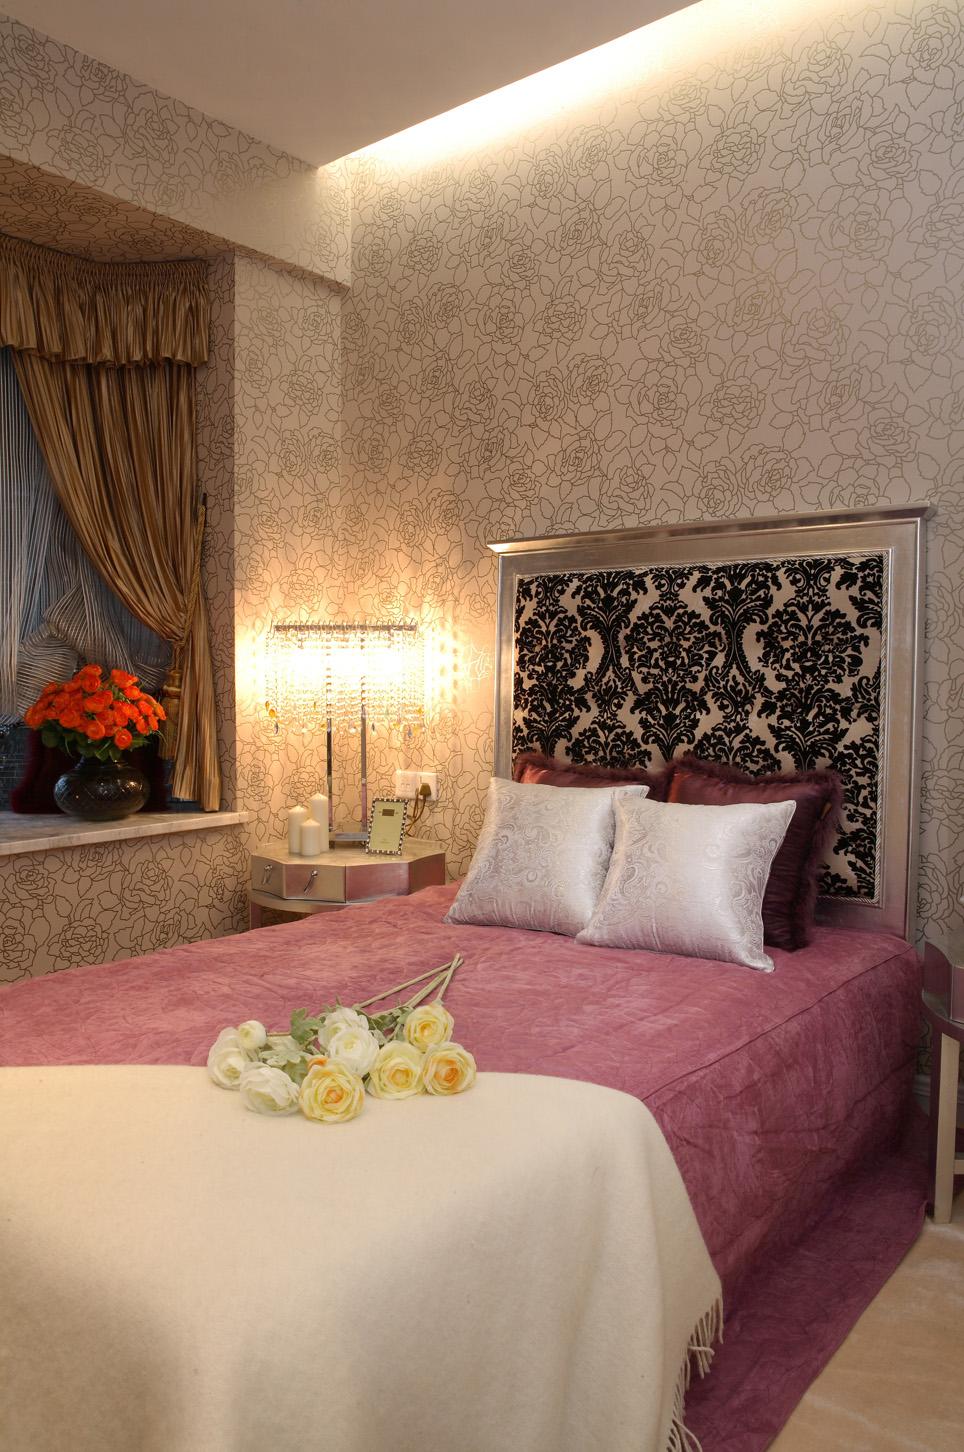 简约 欧式 三居 白领 小资 卧室图片来自北京装修设计o在中铁花溪渡欧式风格装修案例的分享